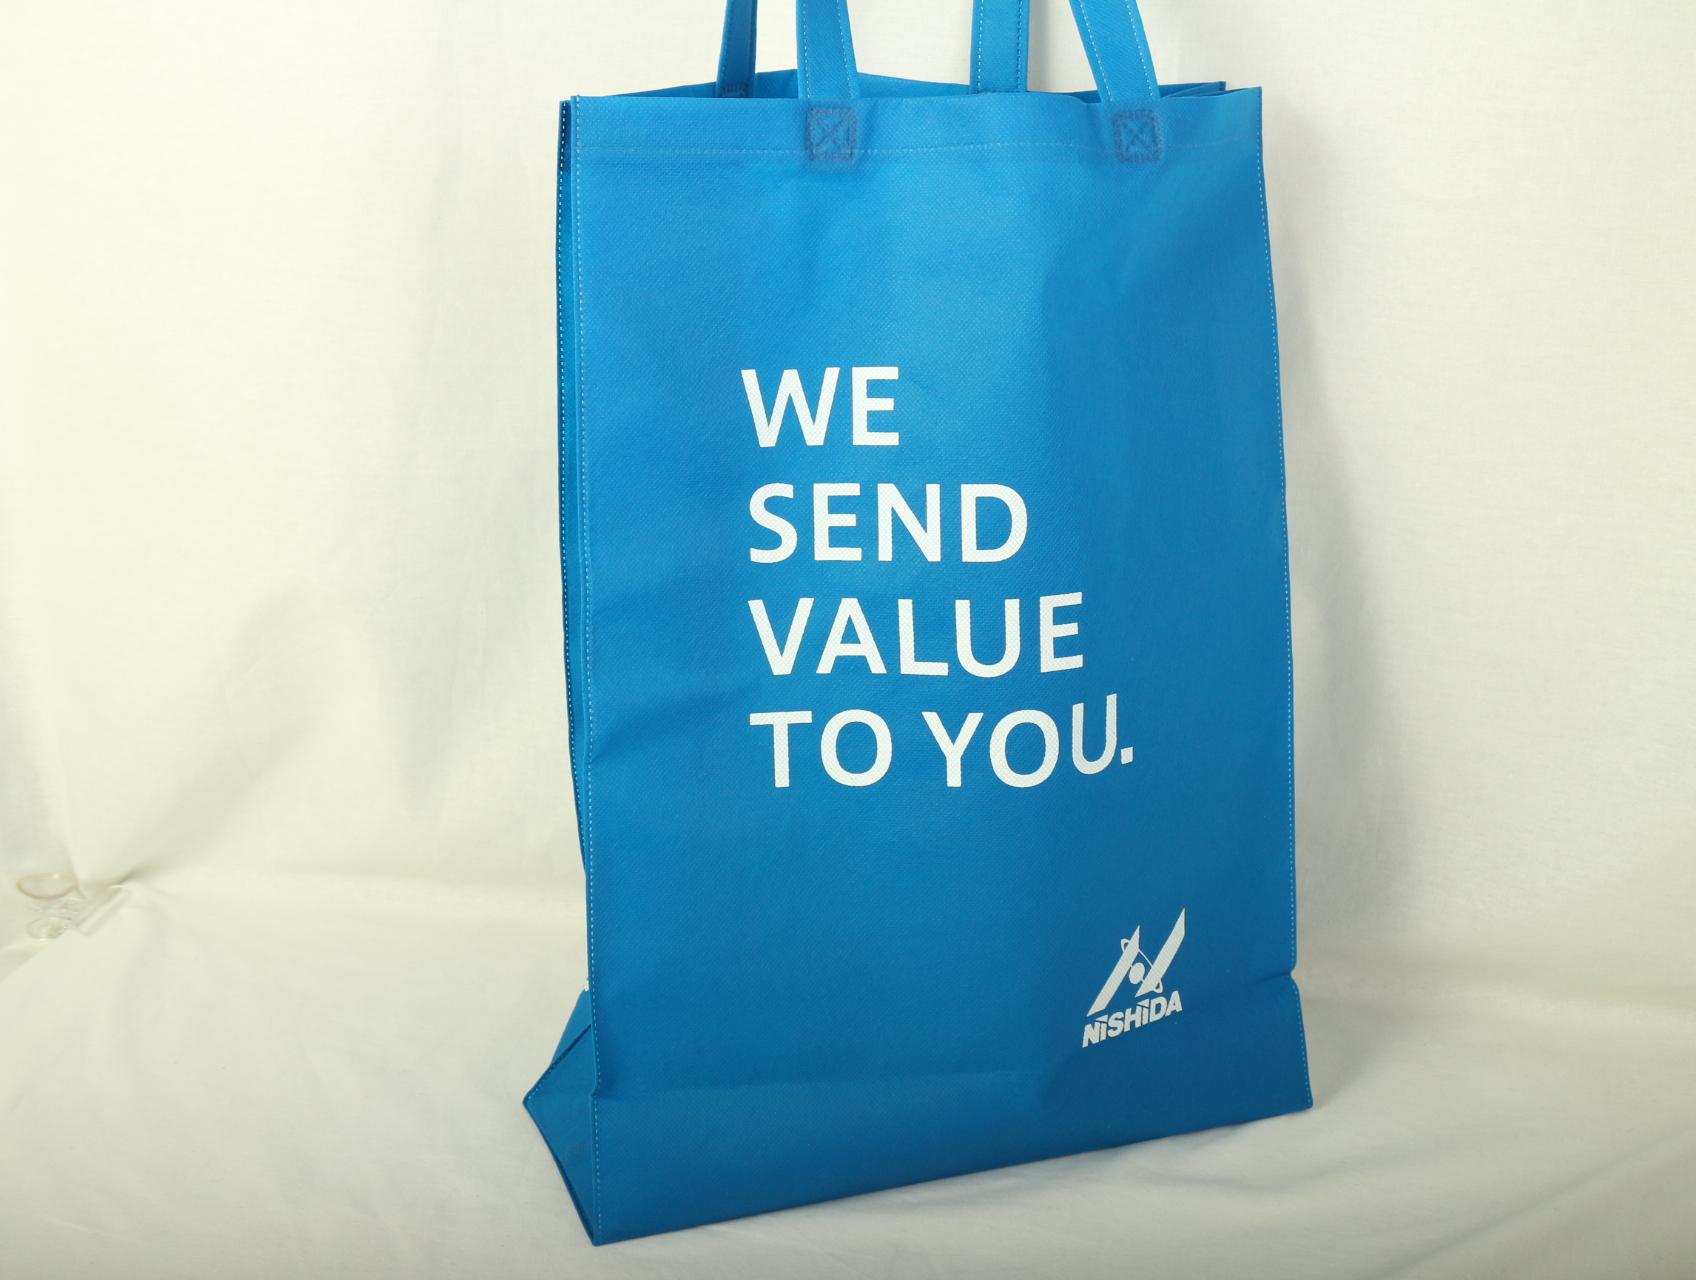 建築材料卸売企業様のオリジナル不織布バッグ